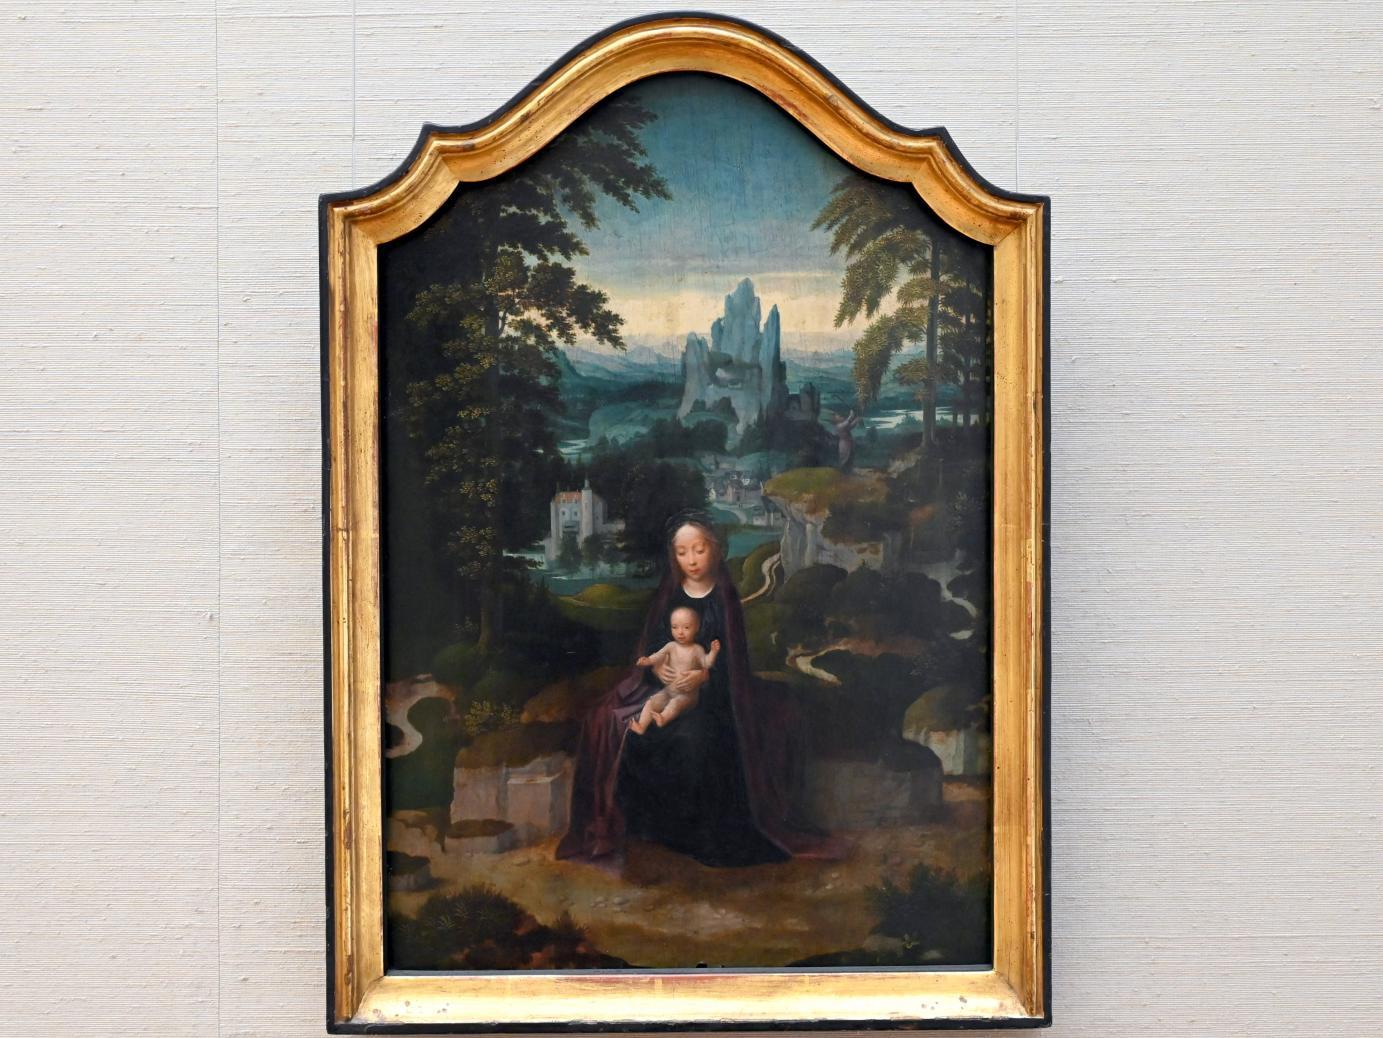 Adriaen Isenbrant: Ruhe auf der Flucht, Um 1520 - 1525